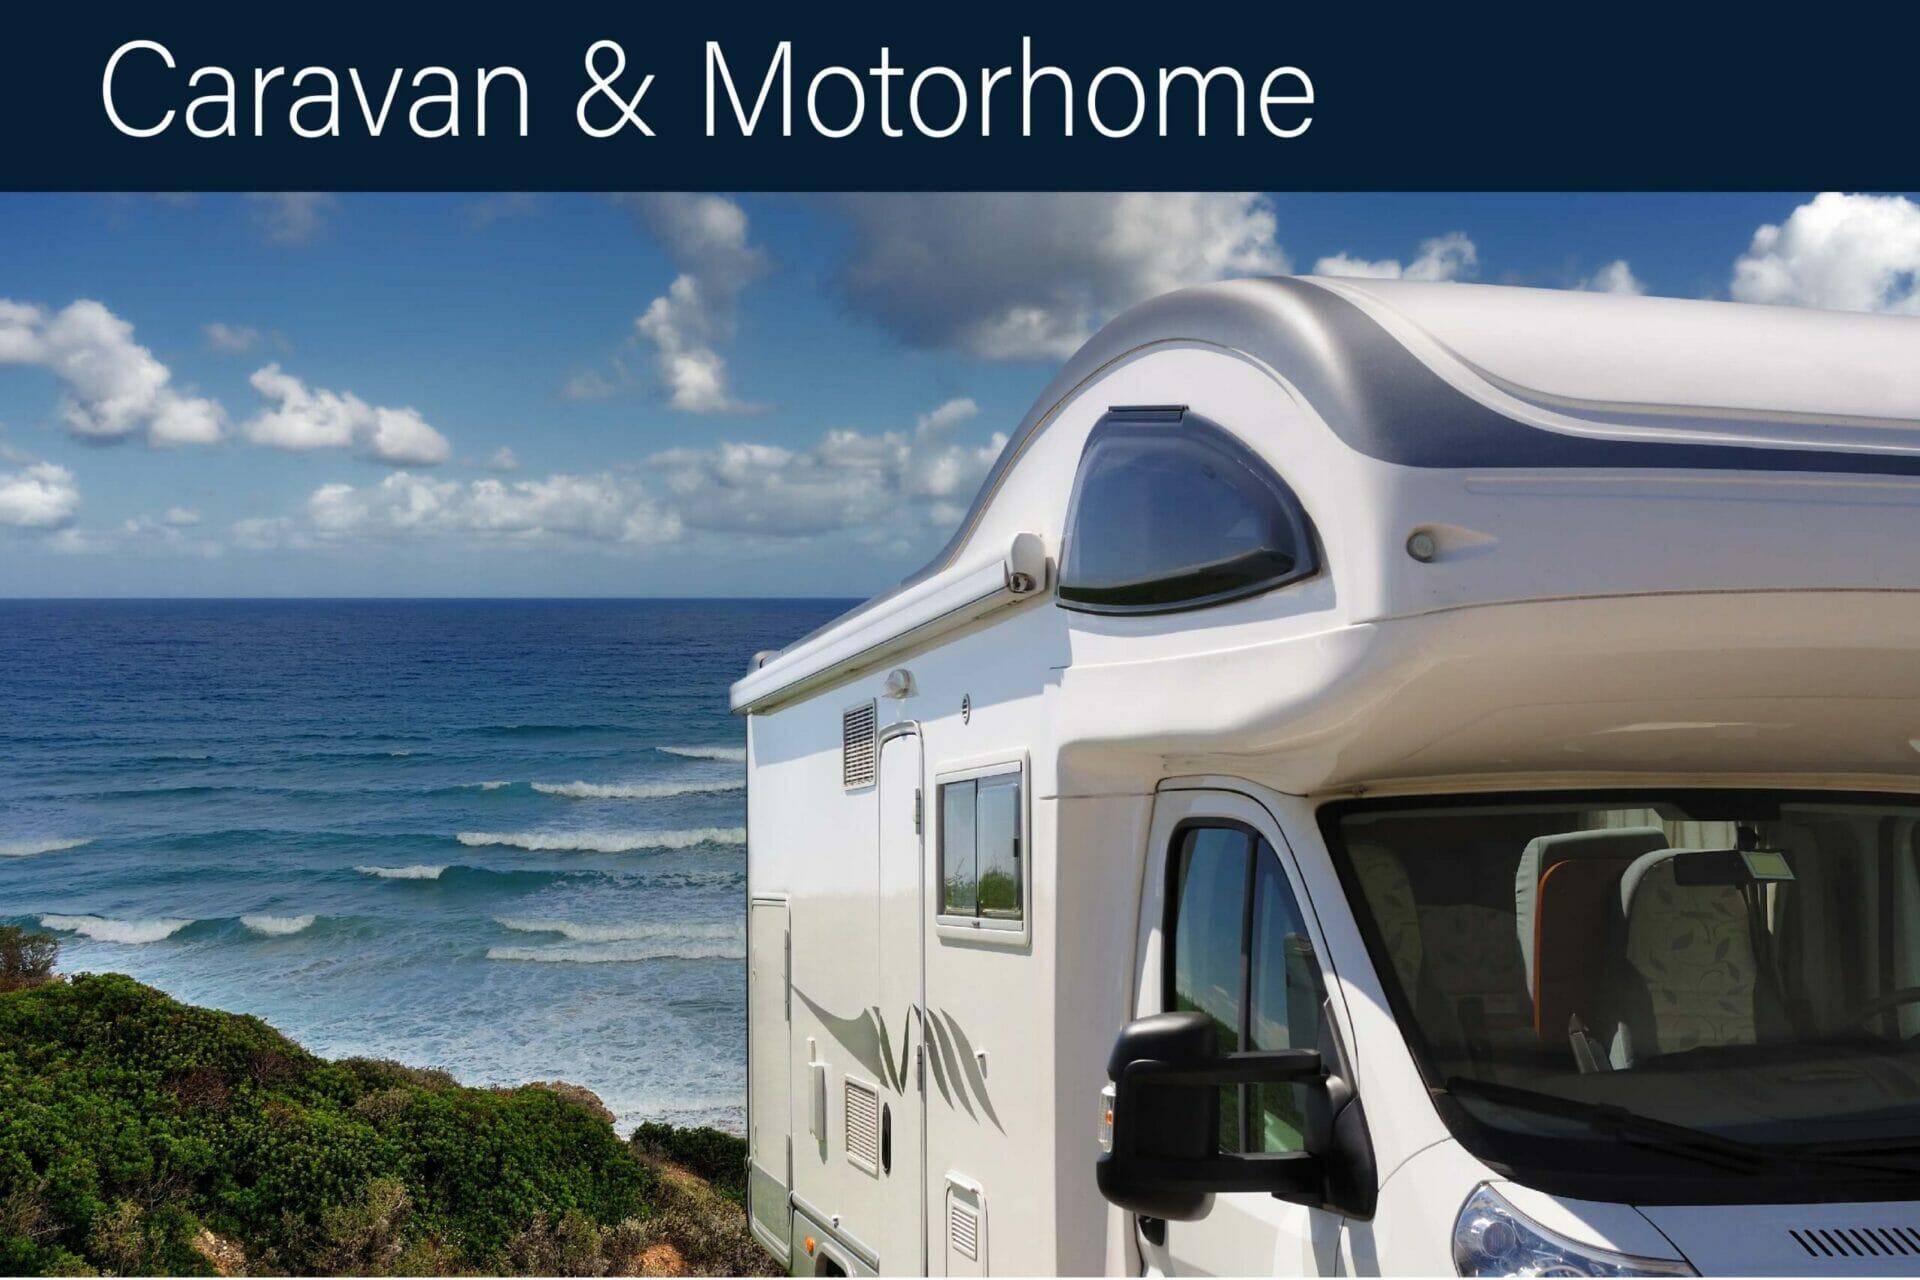 caravan & motorhome home